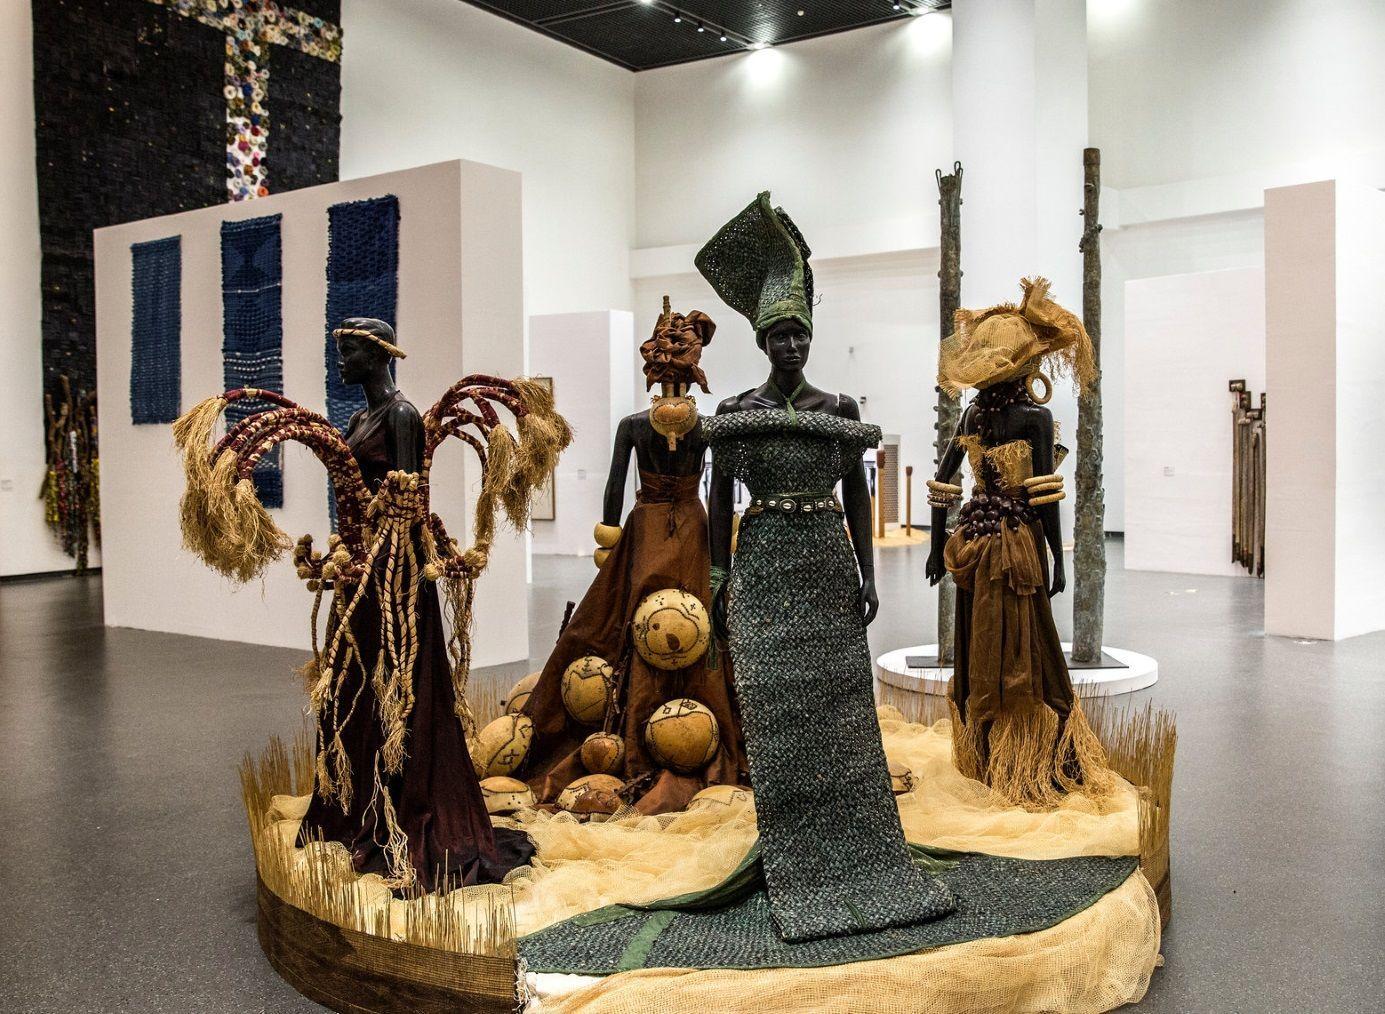 Музей африканских цивилизаций Дакар, Сенегал